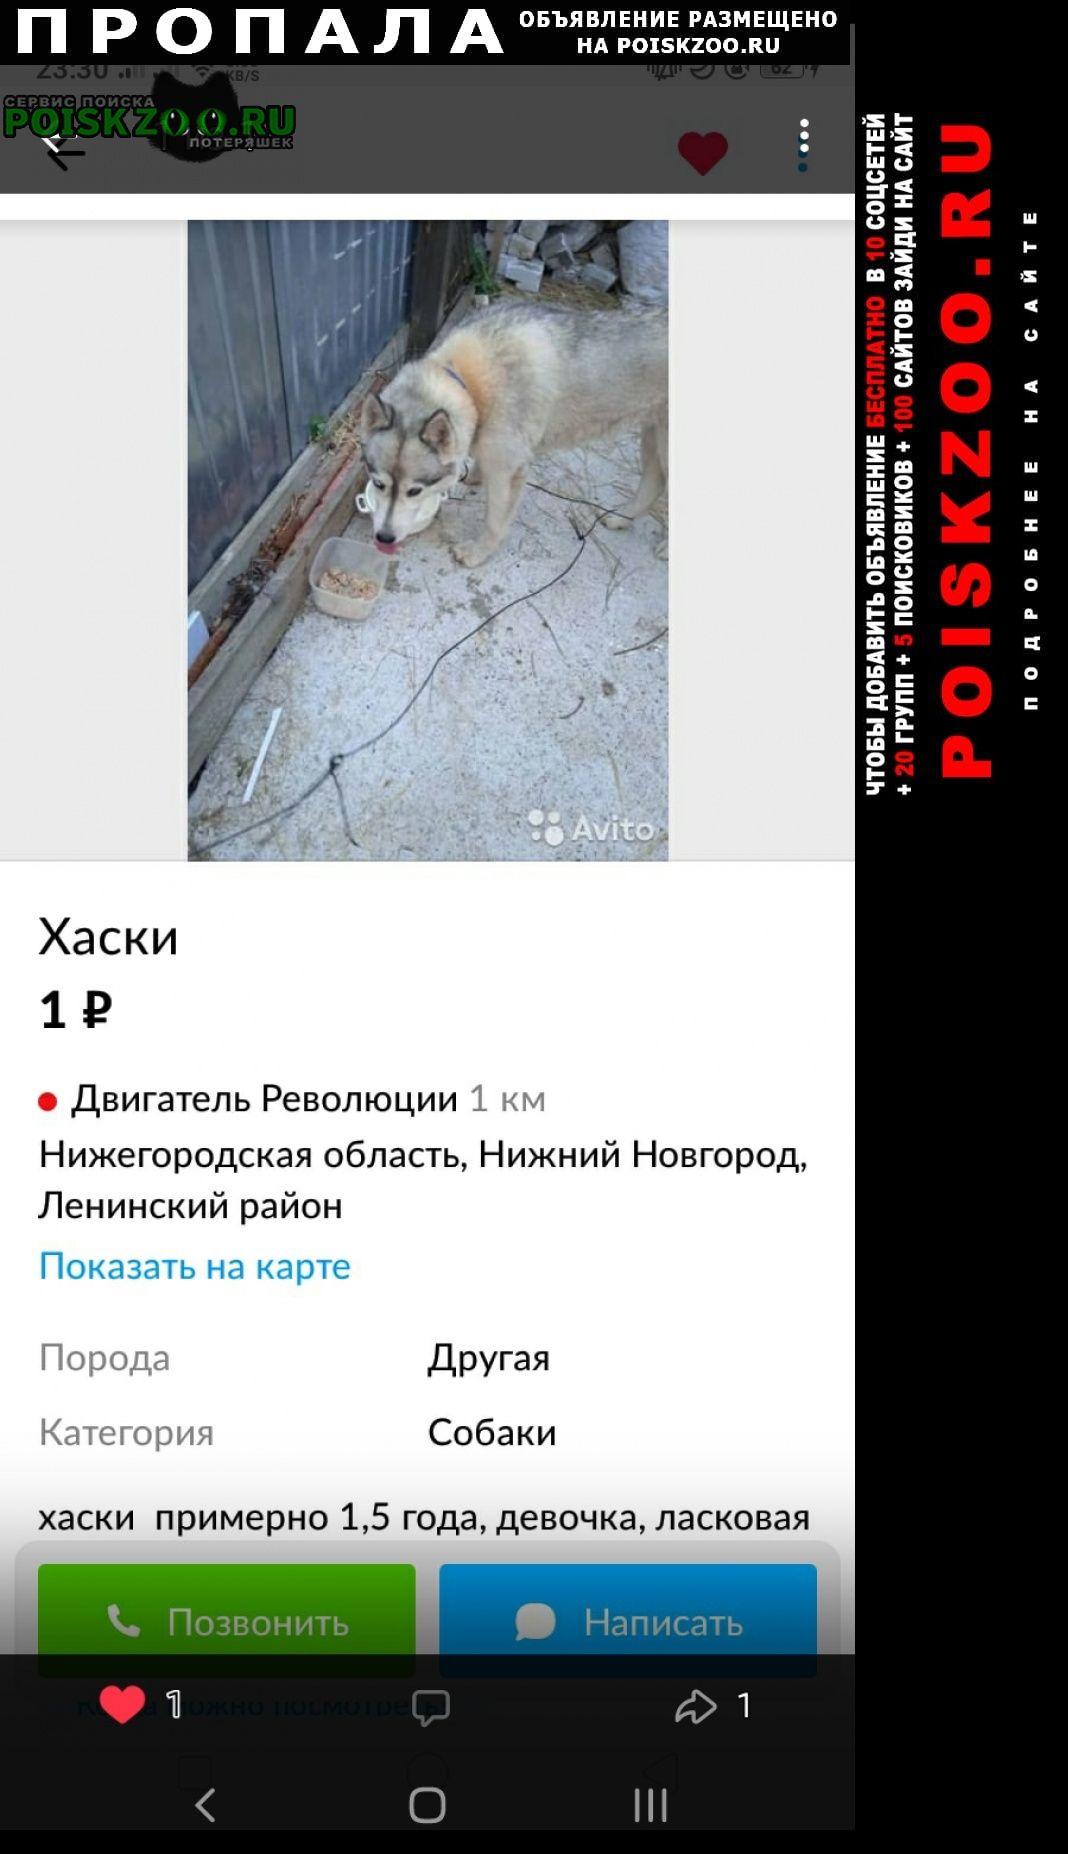 Пропала собака кличка альма. Нижний Новгород